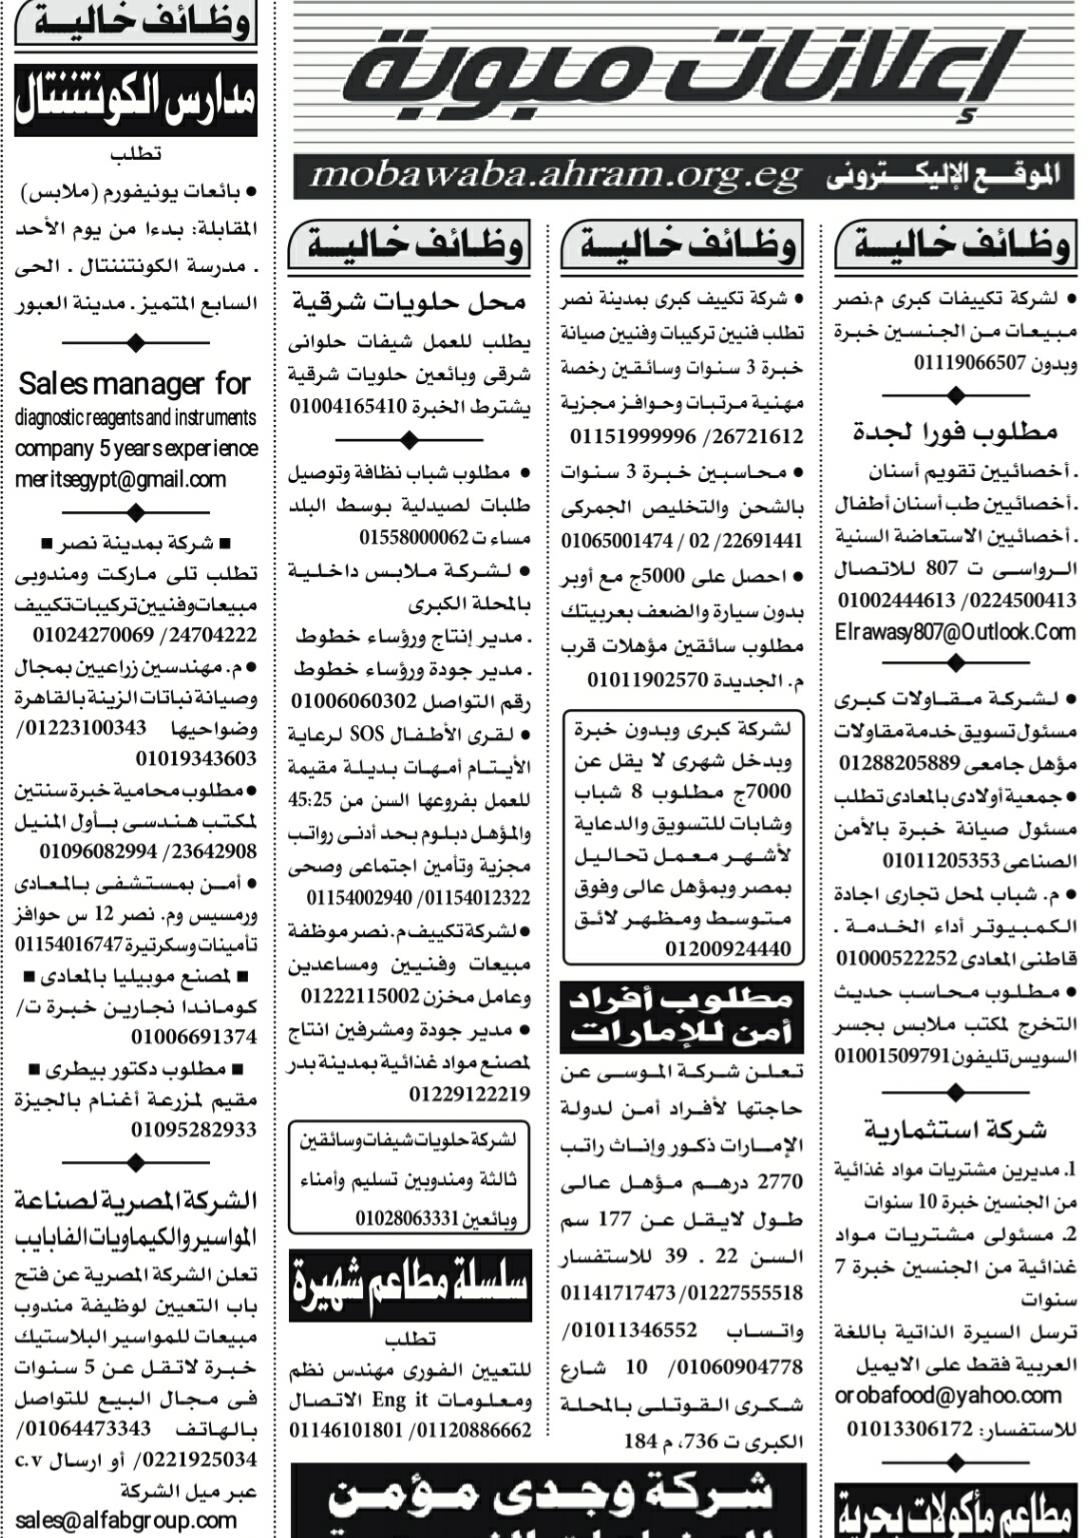 وظائف الأهرام الجمعة 6/3/2020.. جريدة الاهرام المصرية وظائف خالية 7